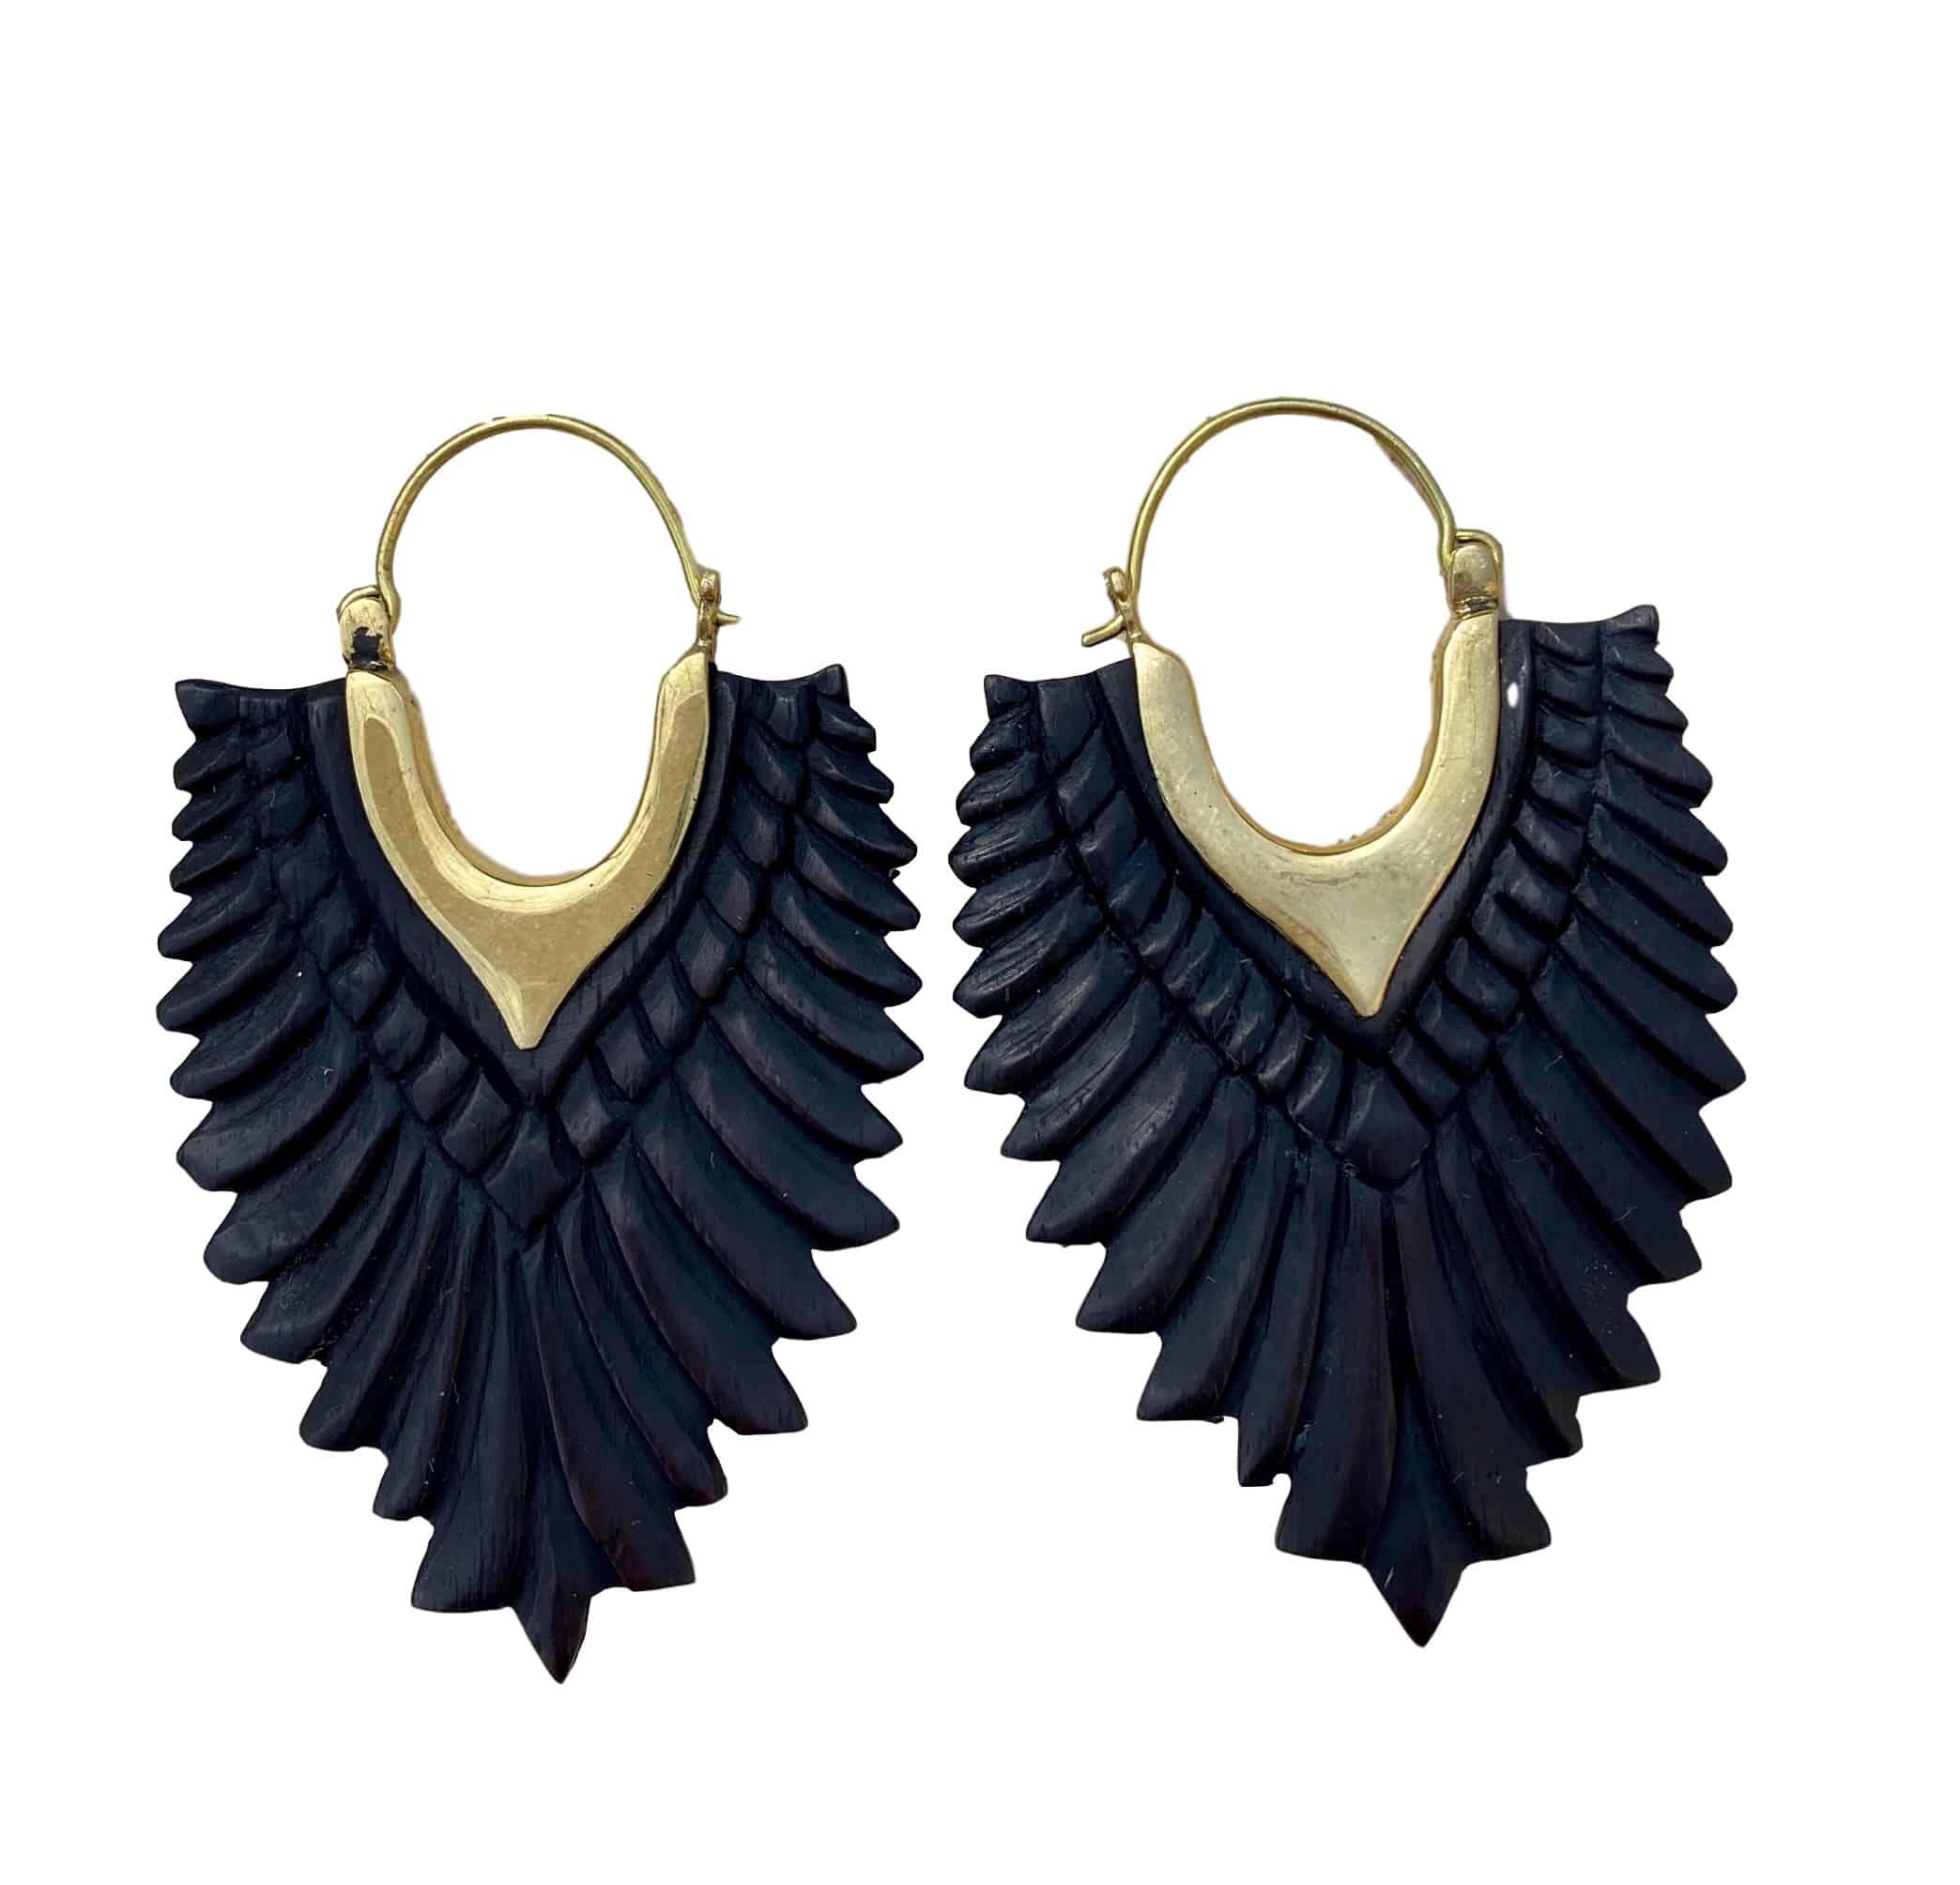 Wood Earrings Black